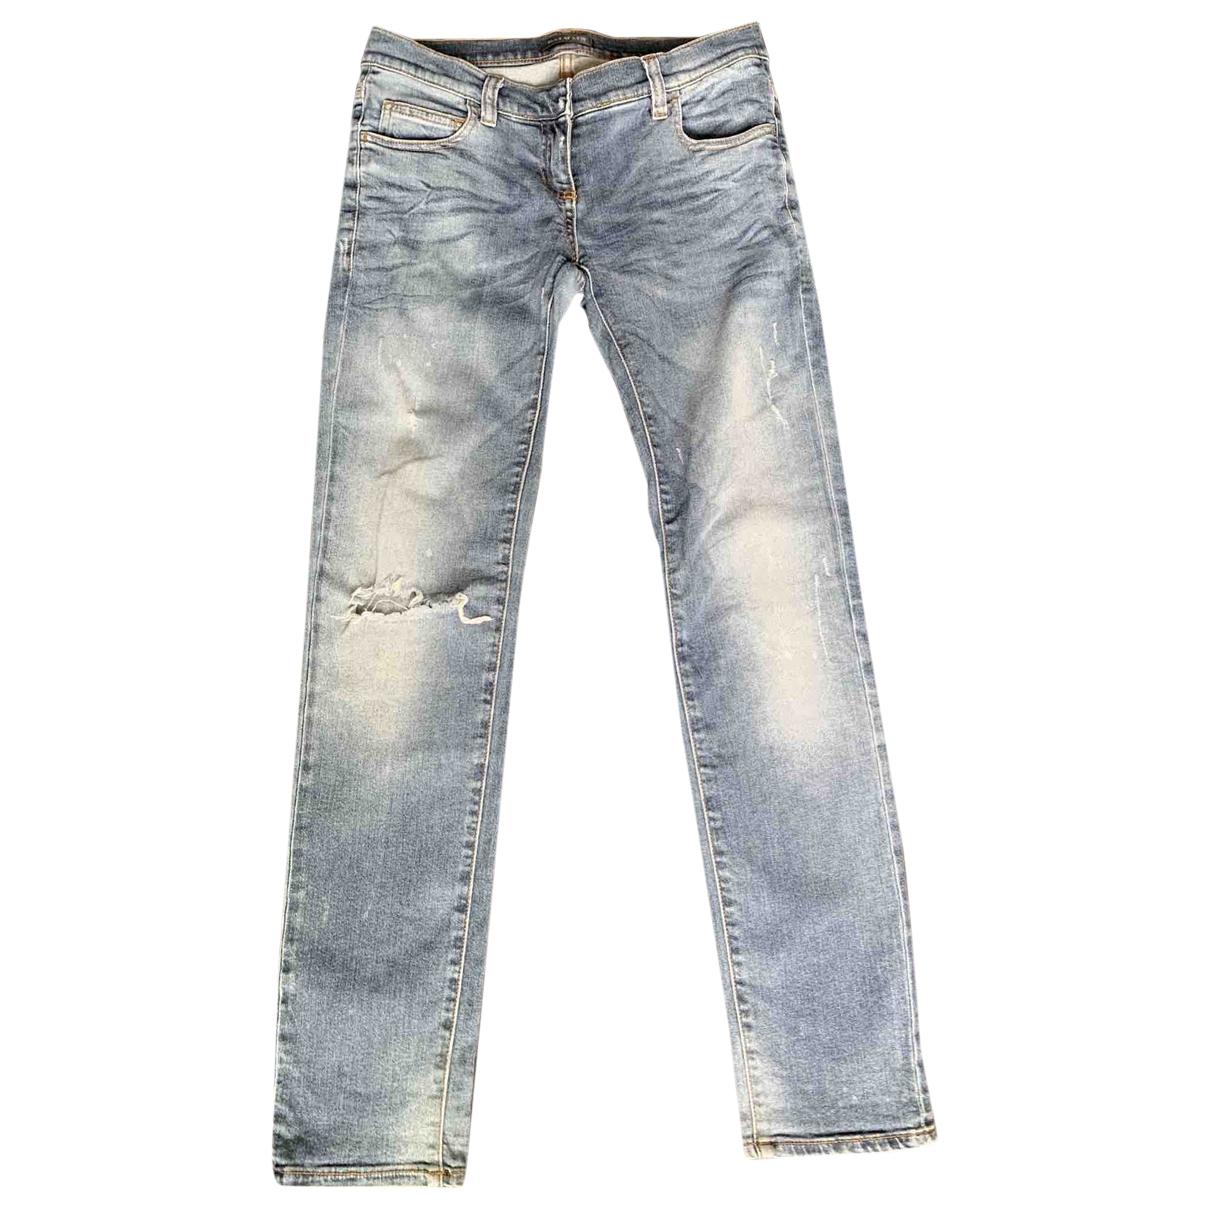 Balmain \N Jeans in  Blau Baumwolle - Elasthan